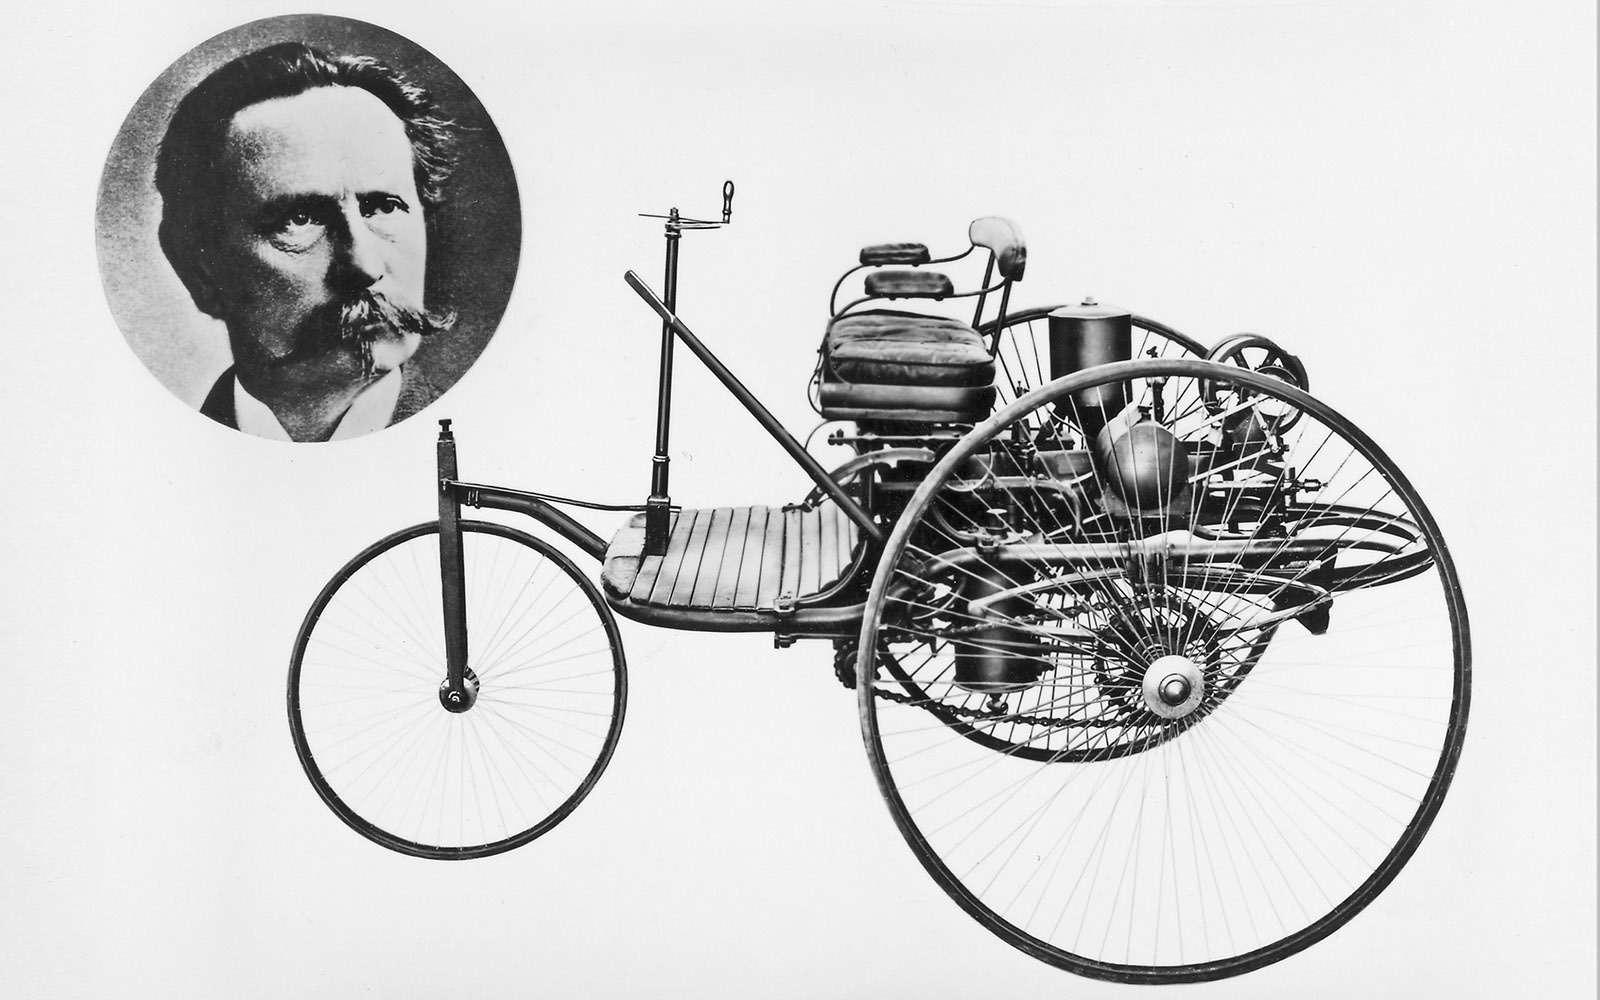 Вспоминаем первые автомобили: прелюдия длятелеги смотором— фото 694117